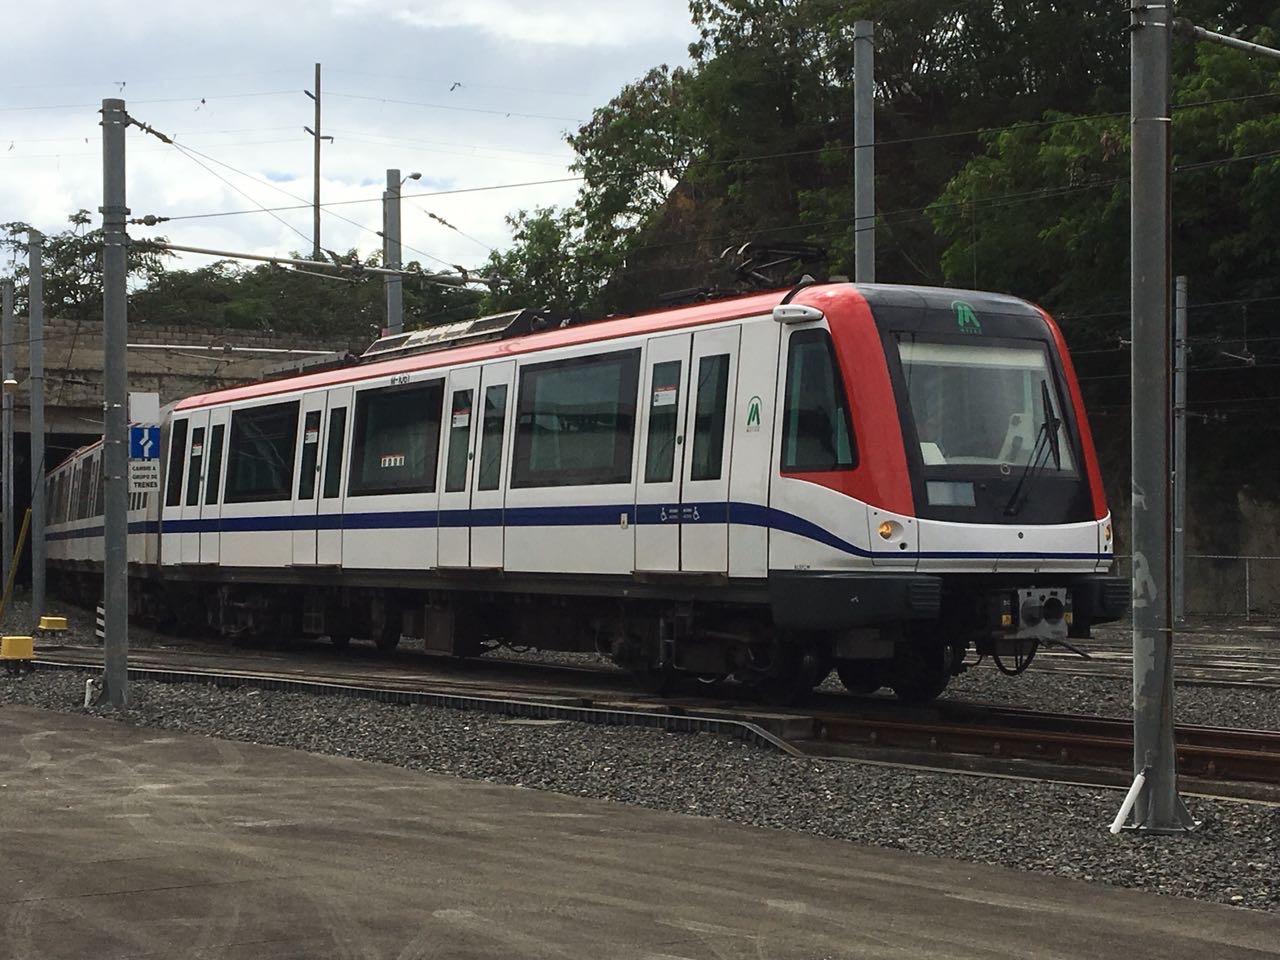 Llegarán dos trenes adicionales para ampliar servicio Línea 2B del Metro